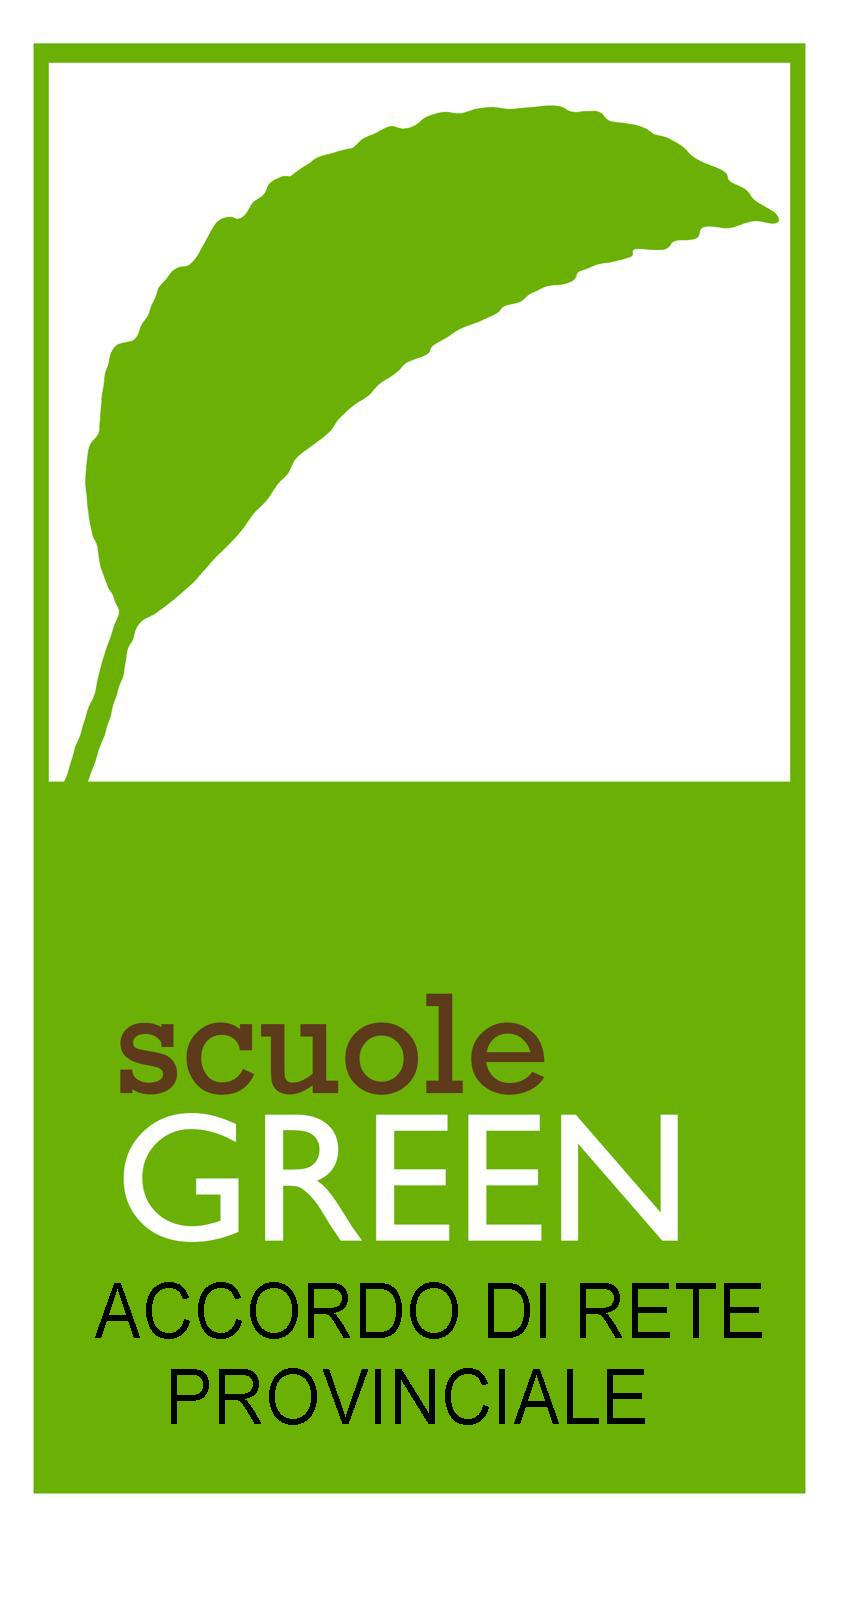 logo scuole SCUOLE-GREEN CON SCRITTA GRANDE